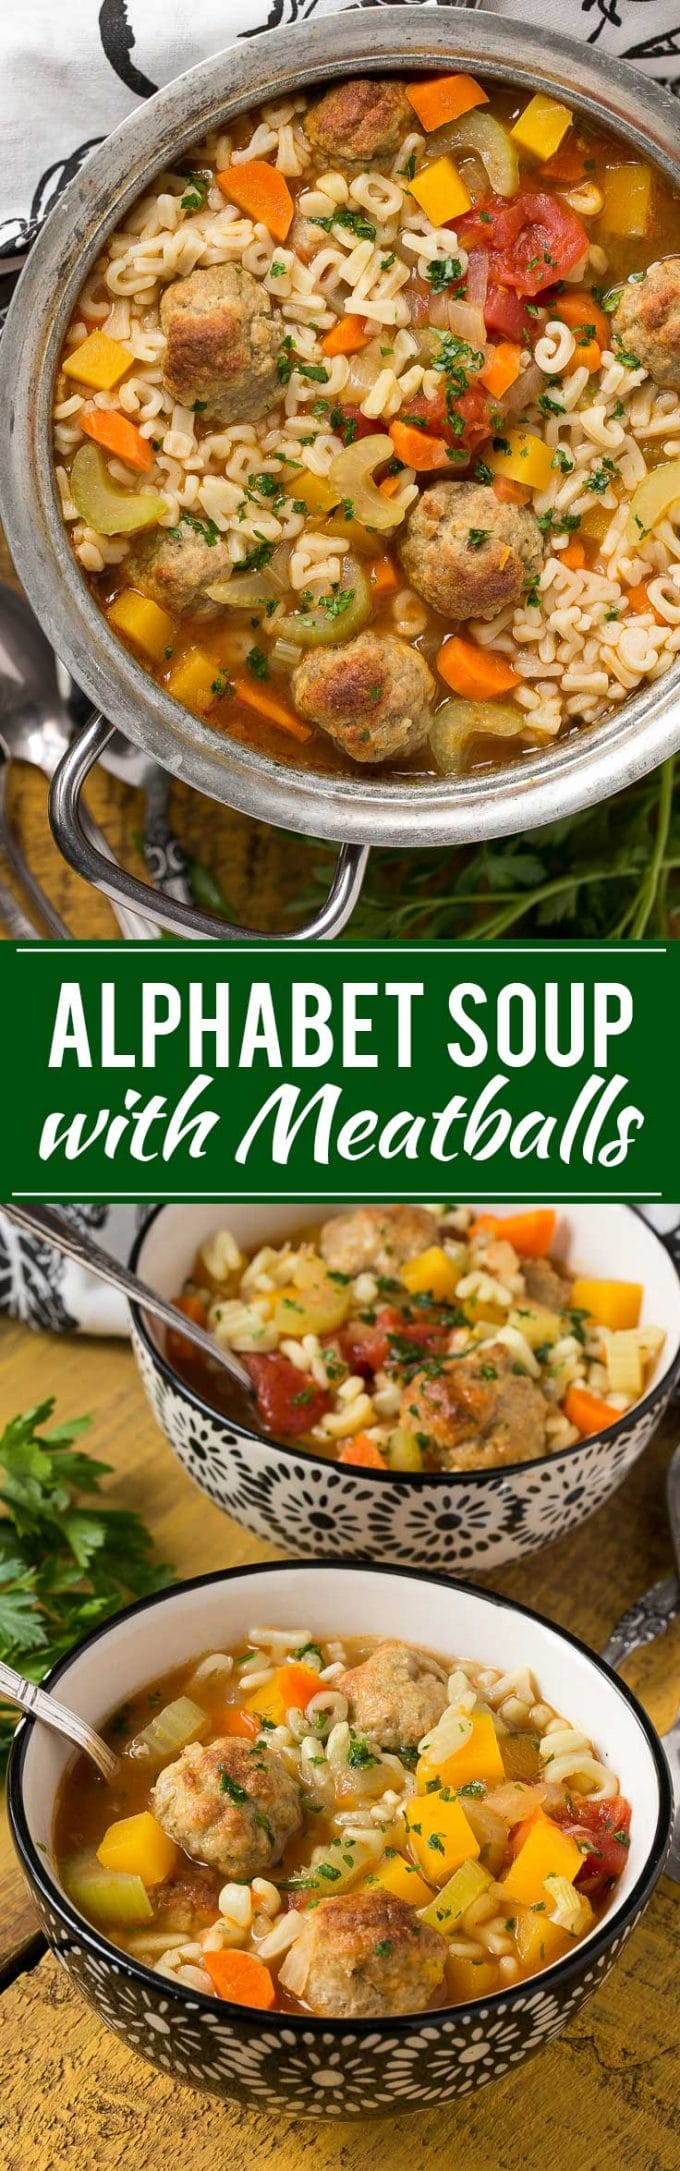 Alphabet Noodle Soup with Turkey Meatballs Recipe | Best Alphabet Noodle Soup | Best Meatball Soup | Easy Alphabet Noodle Soup